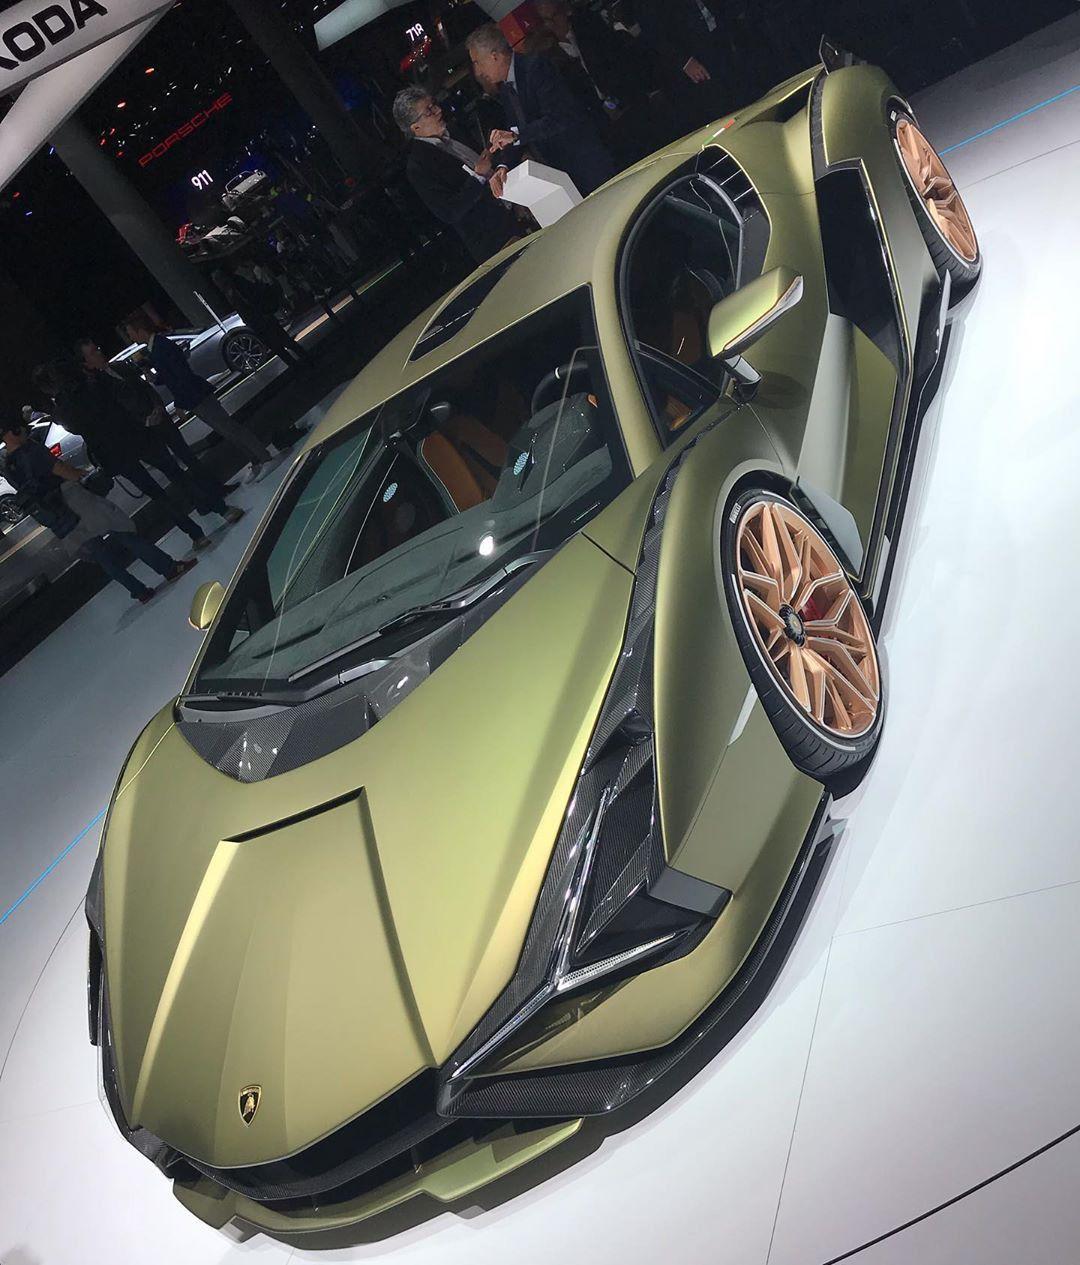 Ferrari F8 Tributo Wallpapers: #Cars #Hybrid #Lamborghini